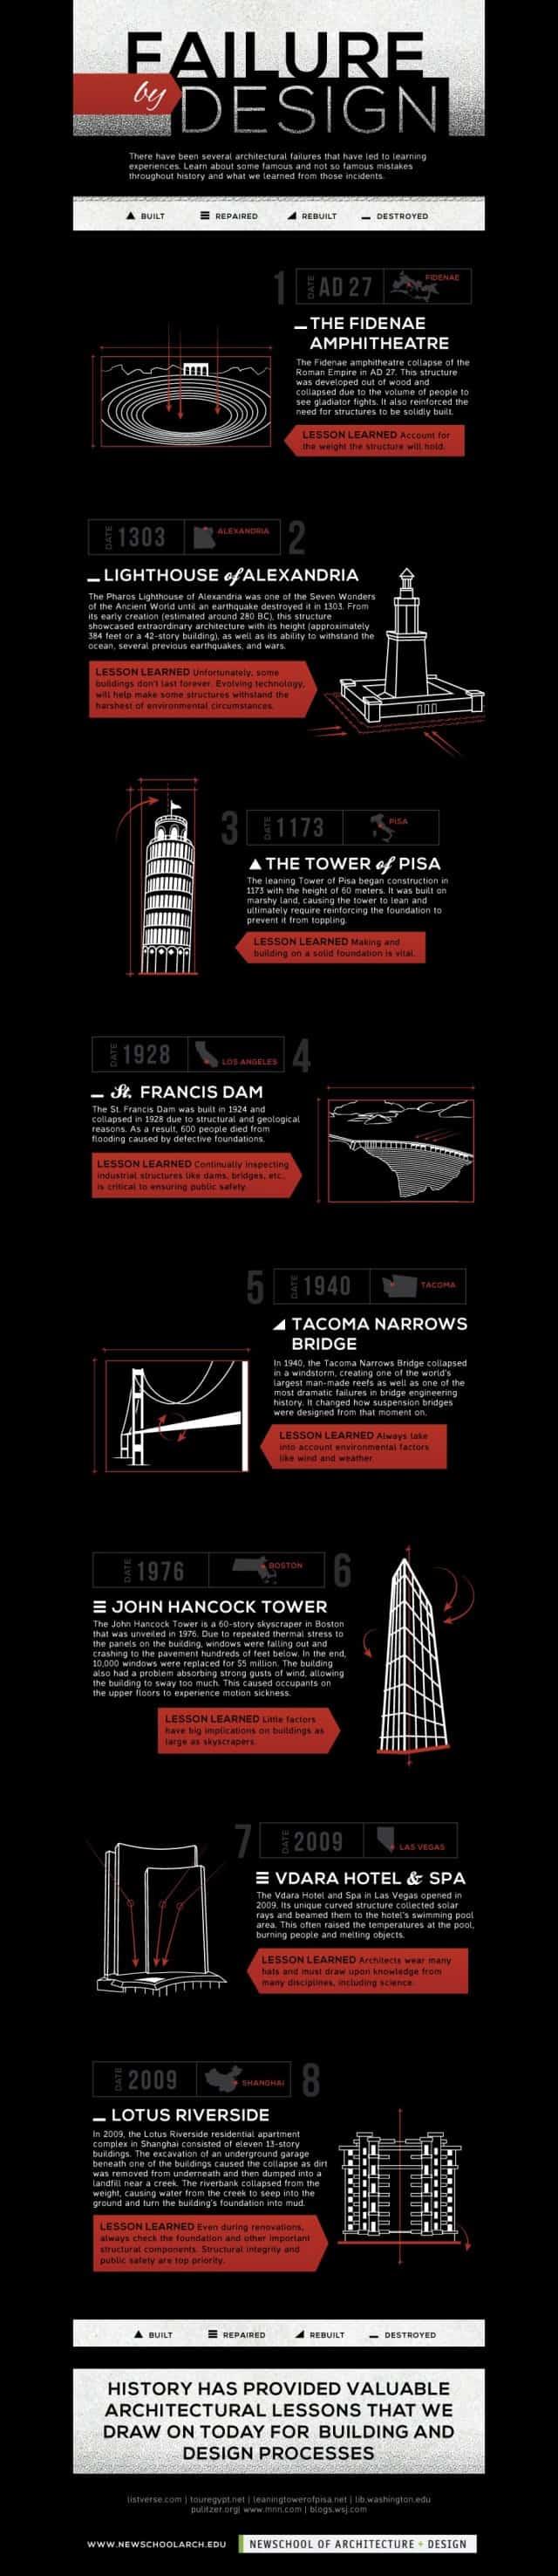 architecture-fails-640x2952